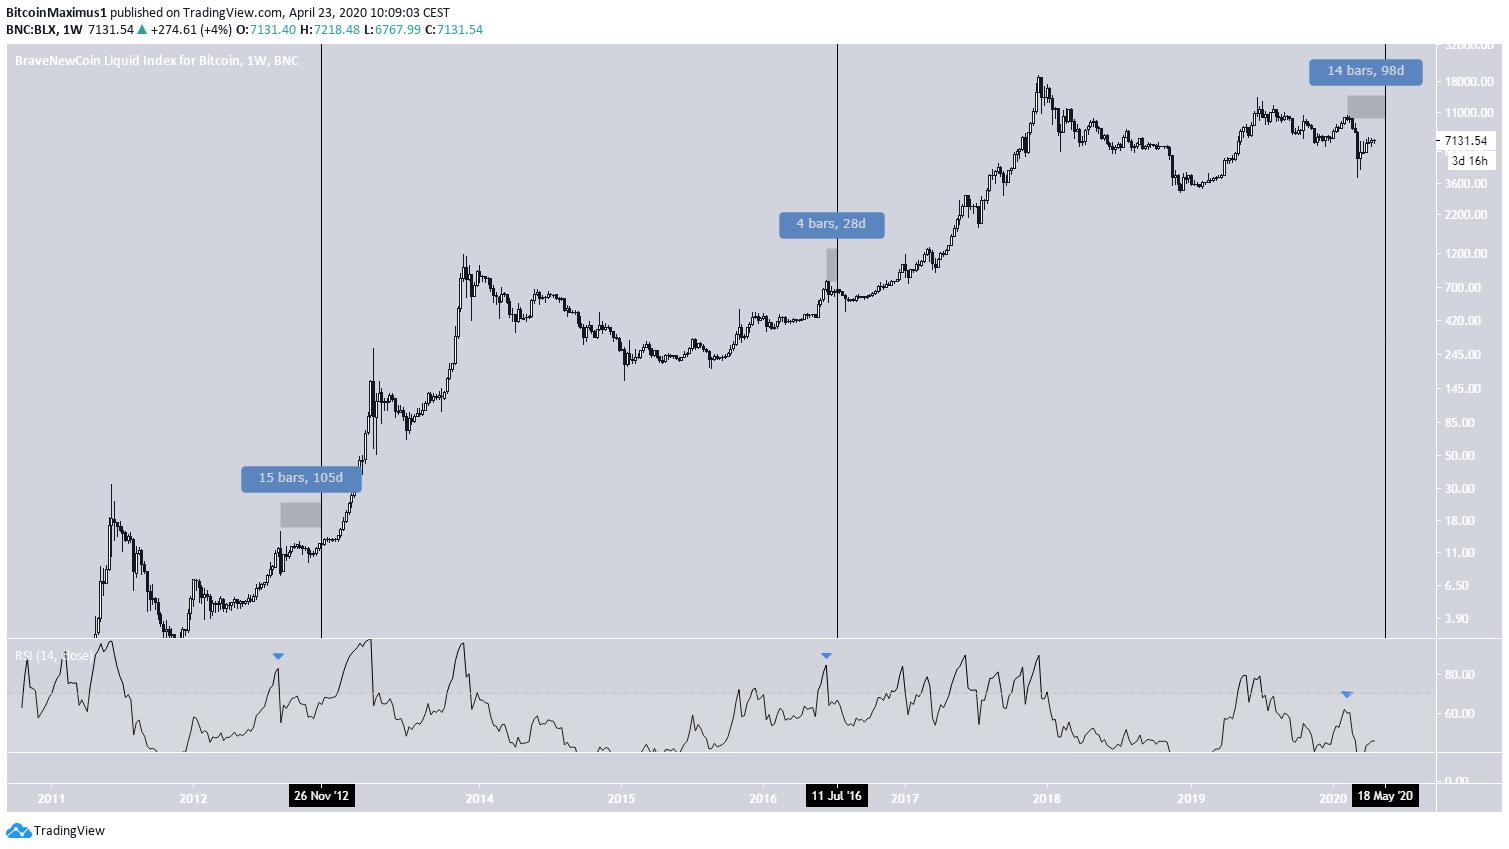 Bitcoin Weekly RSI